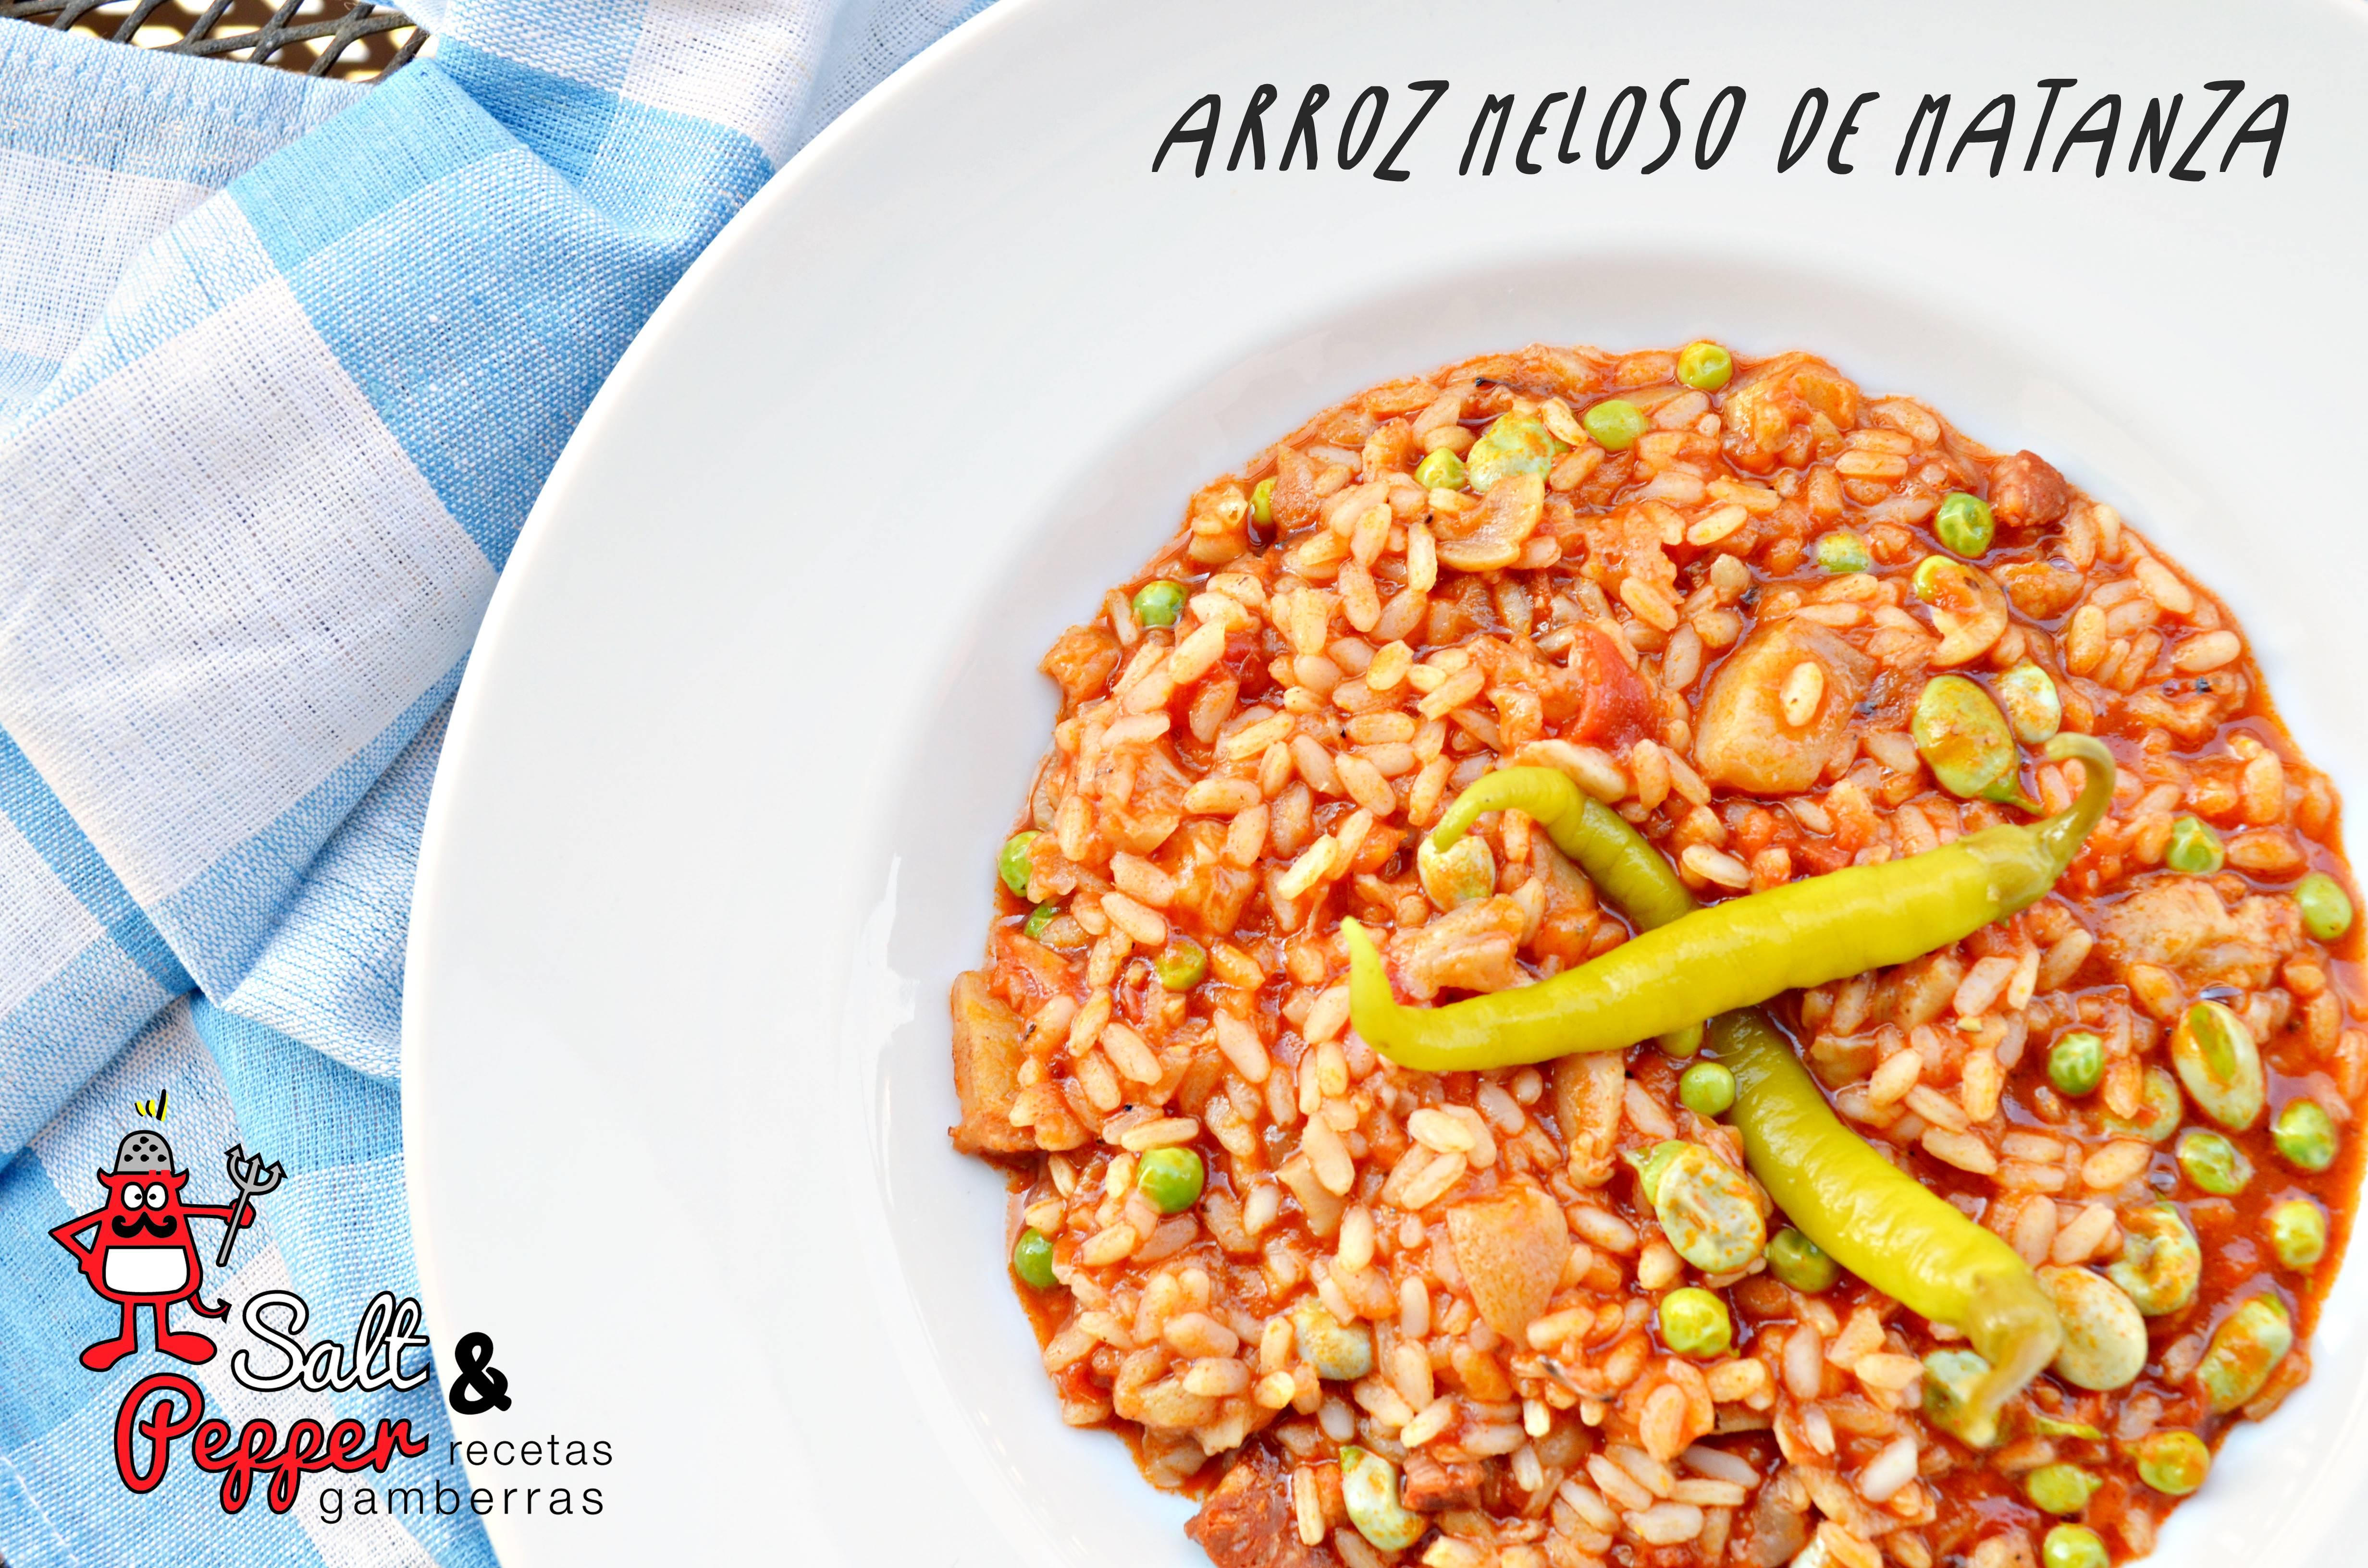 Plato de arroz meloso de matanza realizado con chorizo y otros derivados del cerdo.